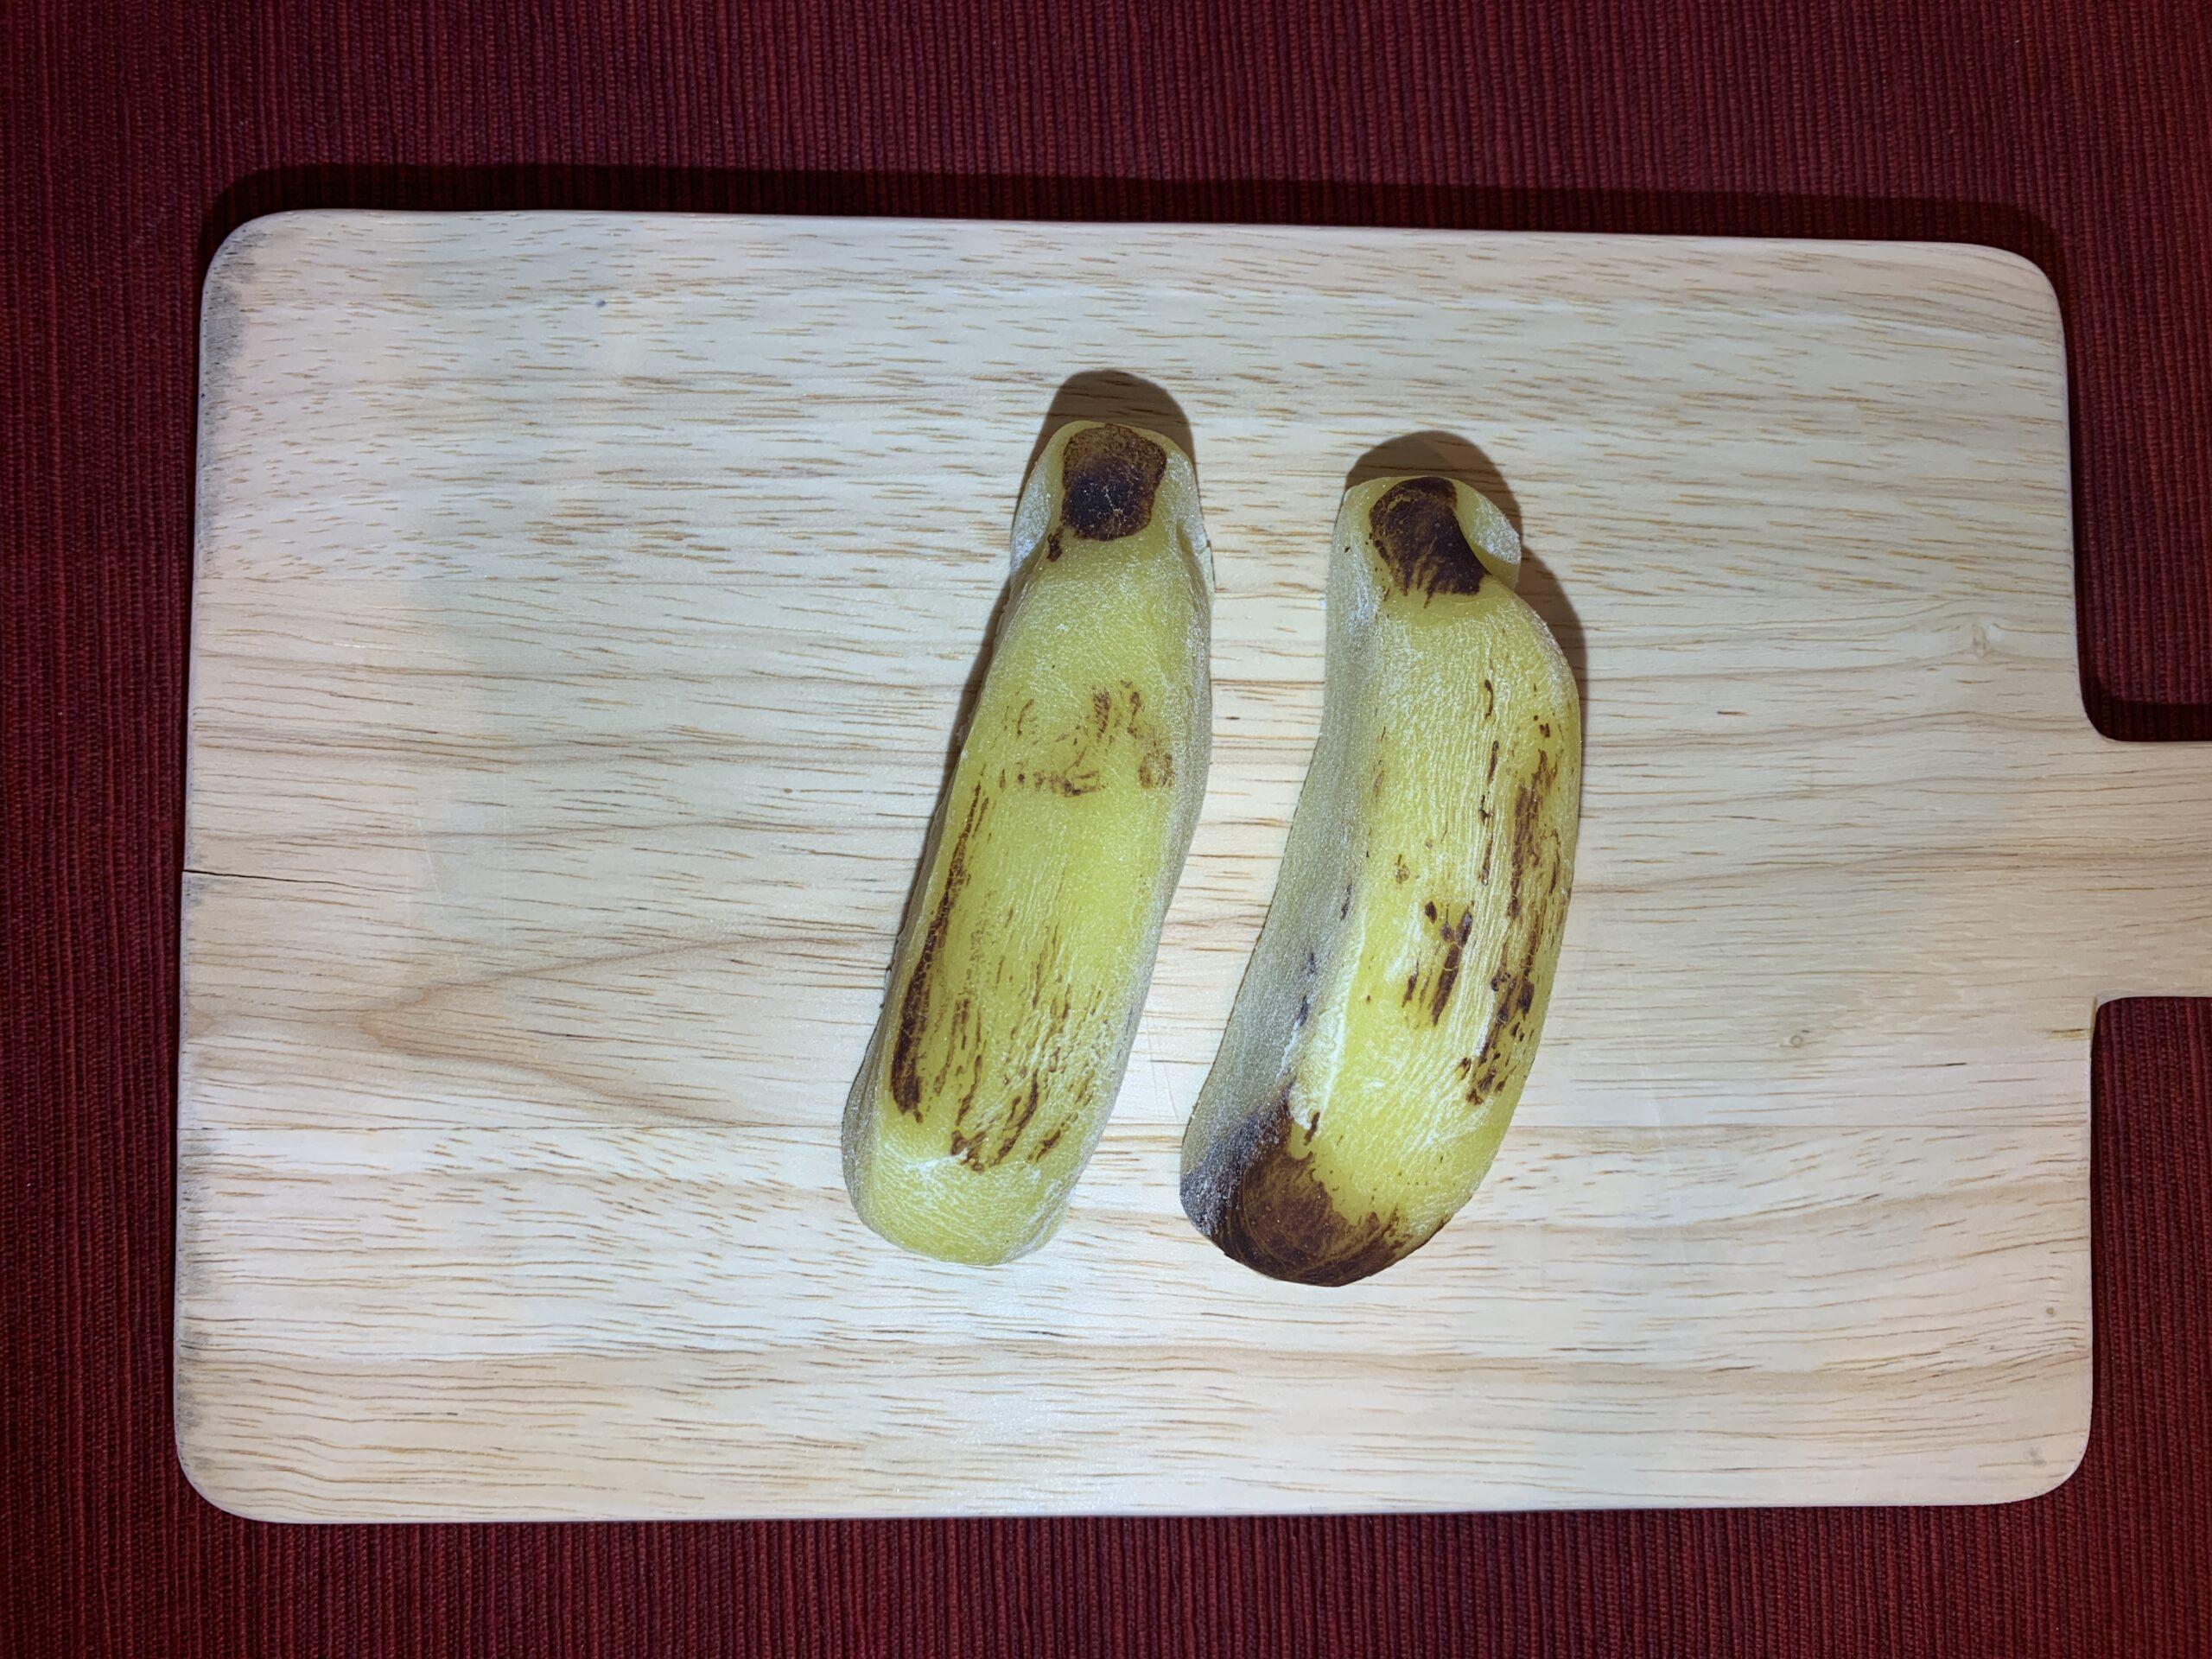 柿安口福堂のバナナ大福/ミルク&生チョコ食べ比べ:柿次郎